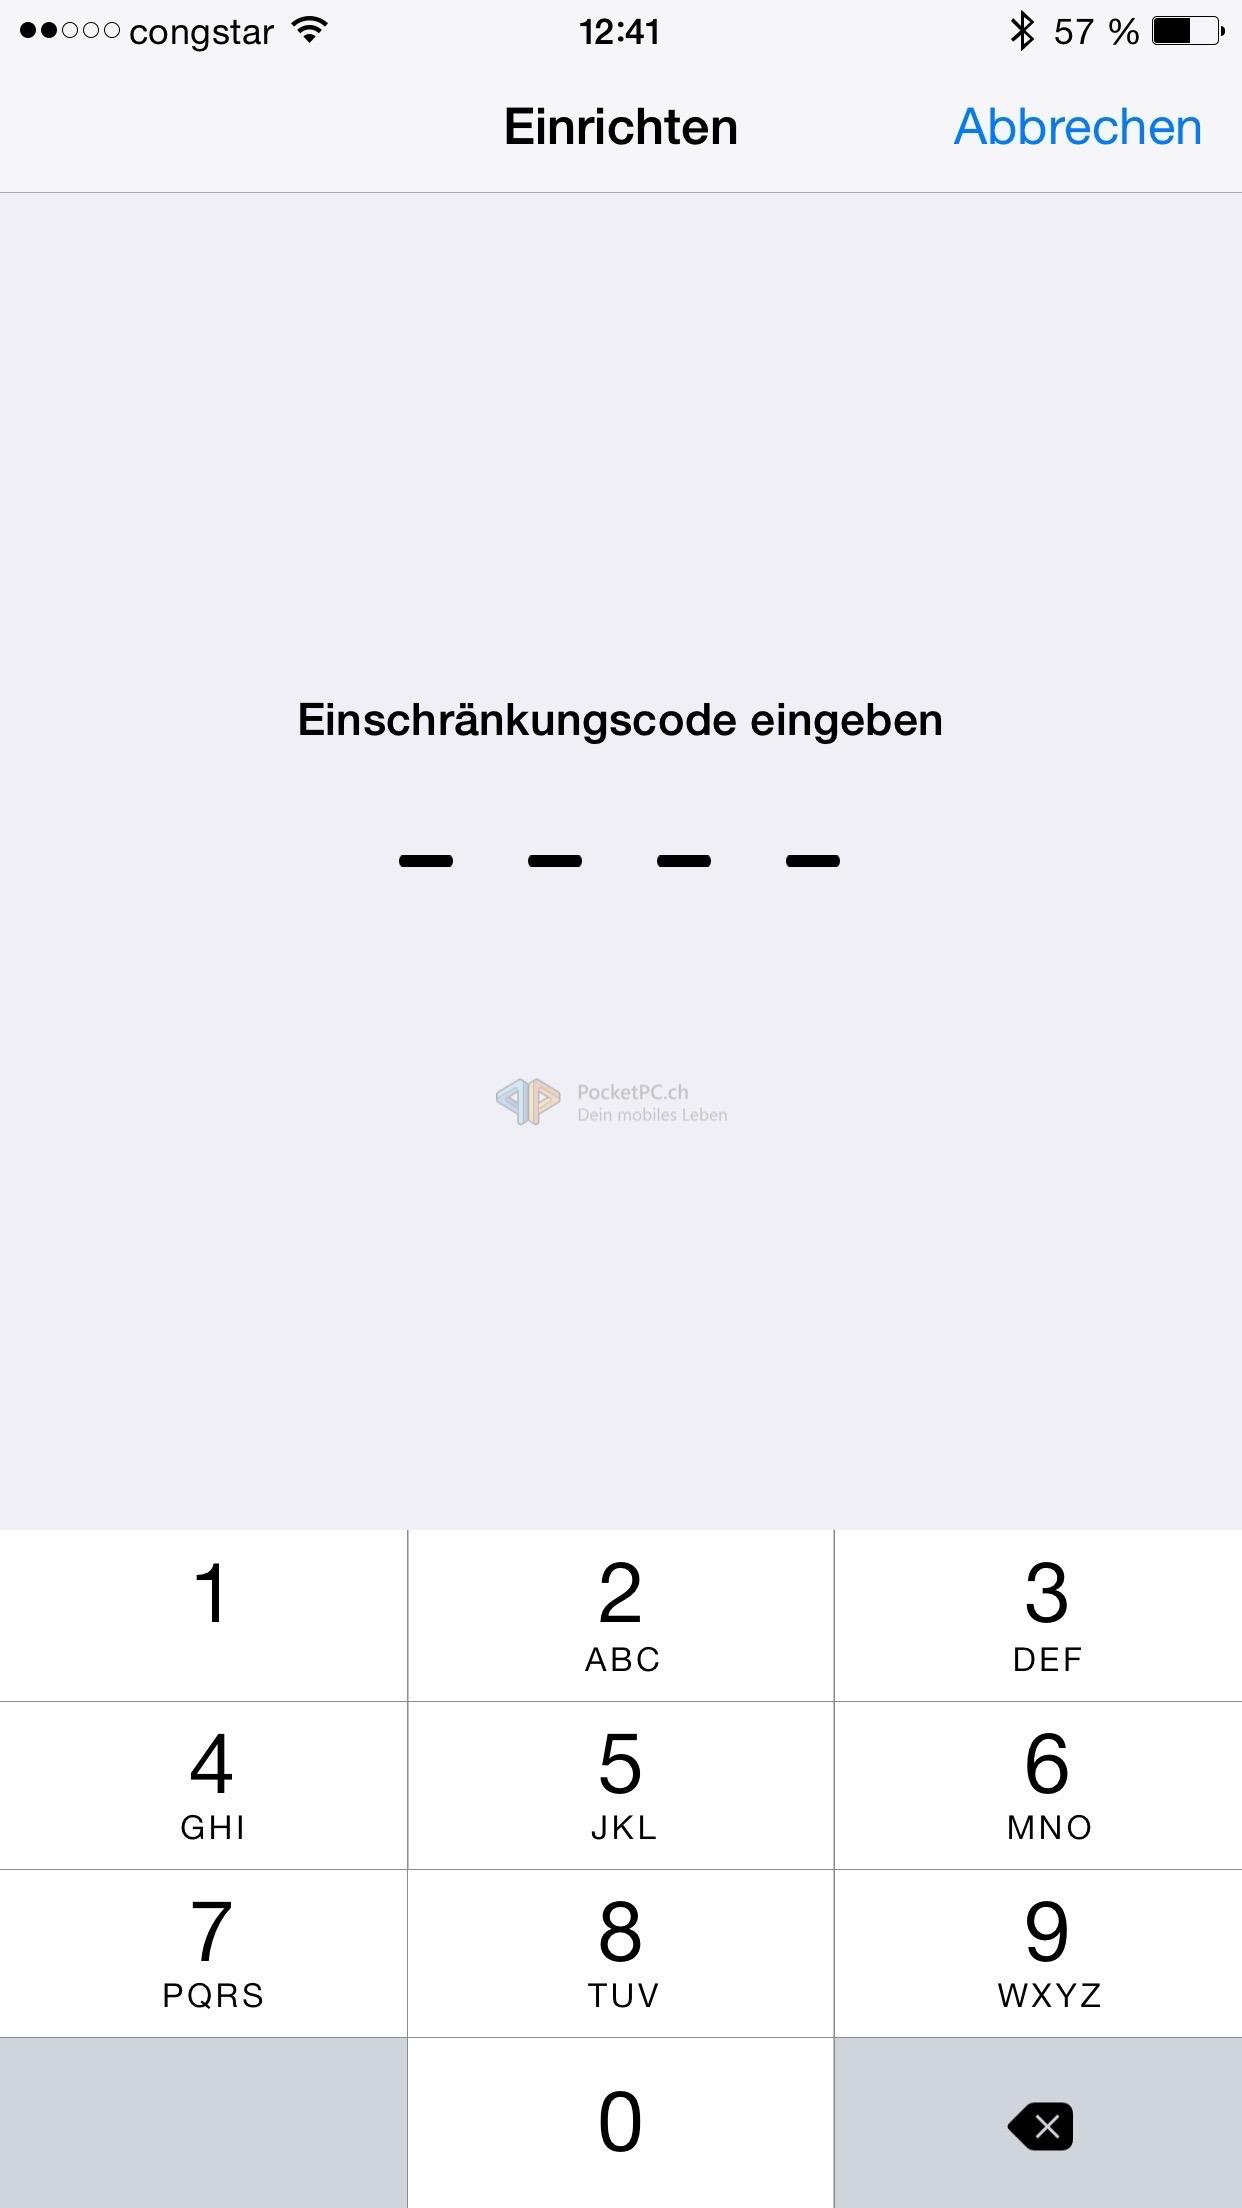 Tutorial: Schnellzugriff auf die Playlisten in Apple Music auf einem iOS-Device-bild-3.jpg